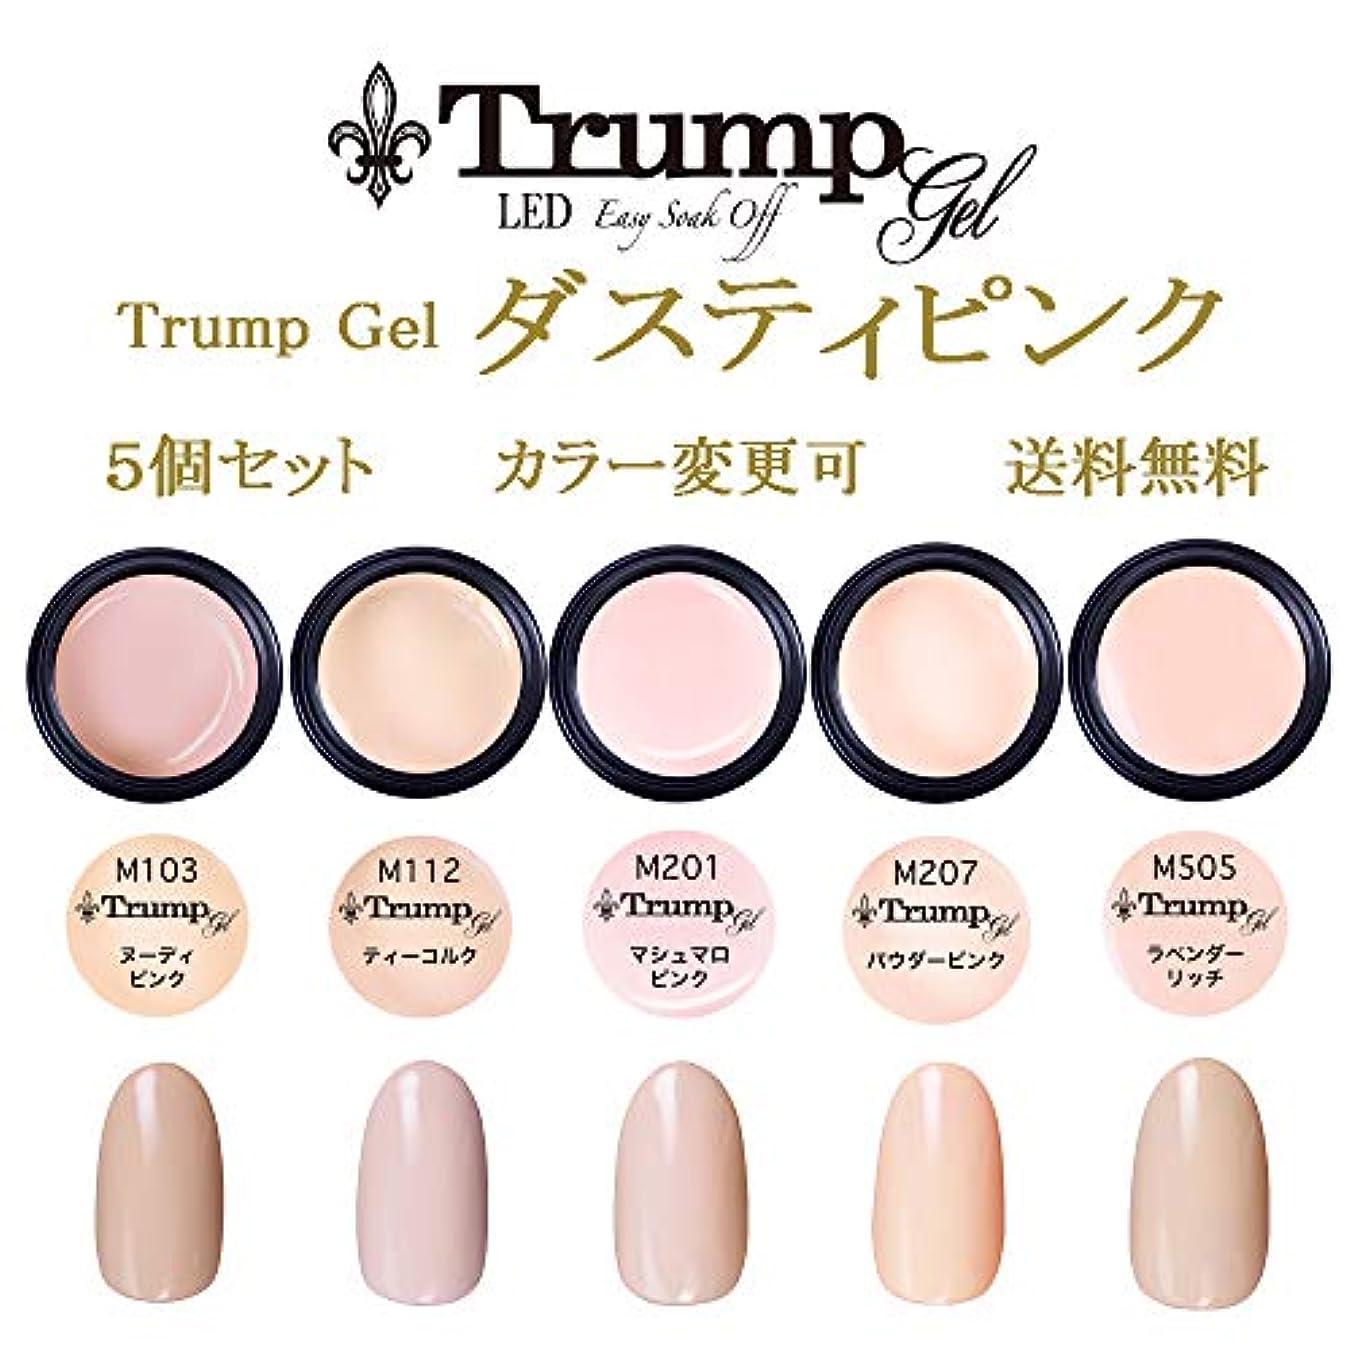 睡眠透けて見える輝く【送料無料】Trumpダスティピンクカラー選べる カラージェル5個セット